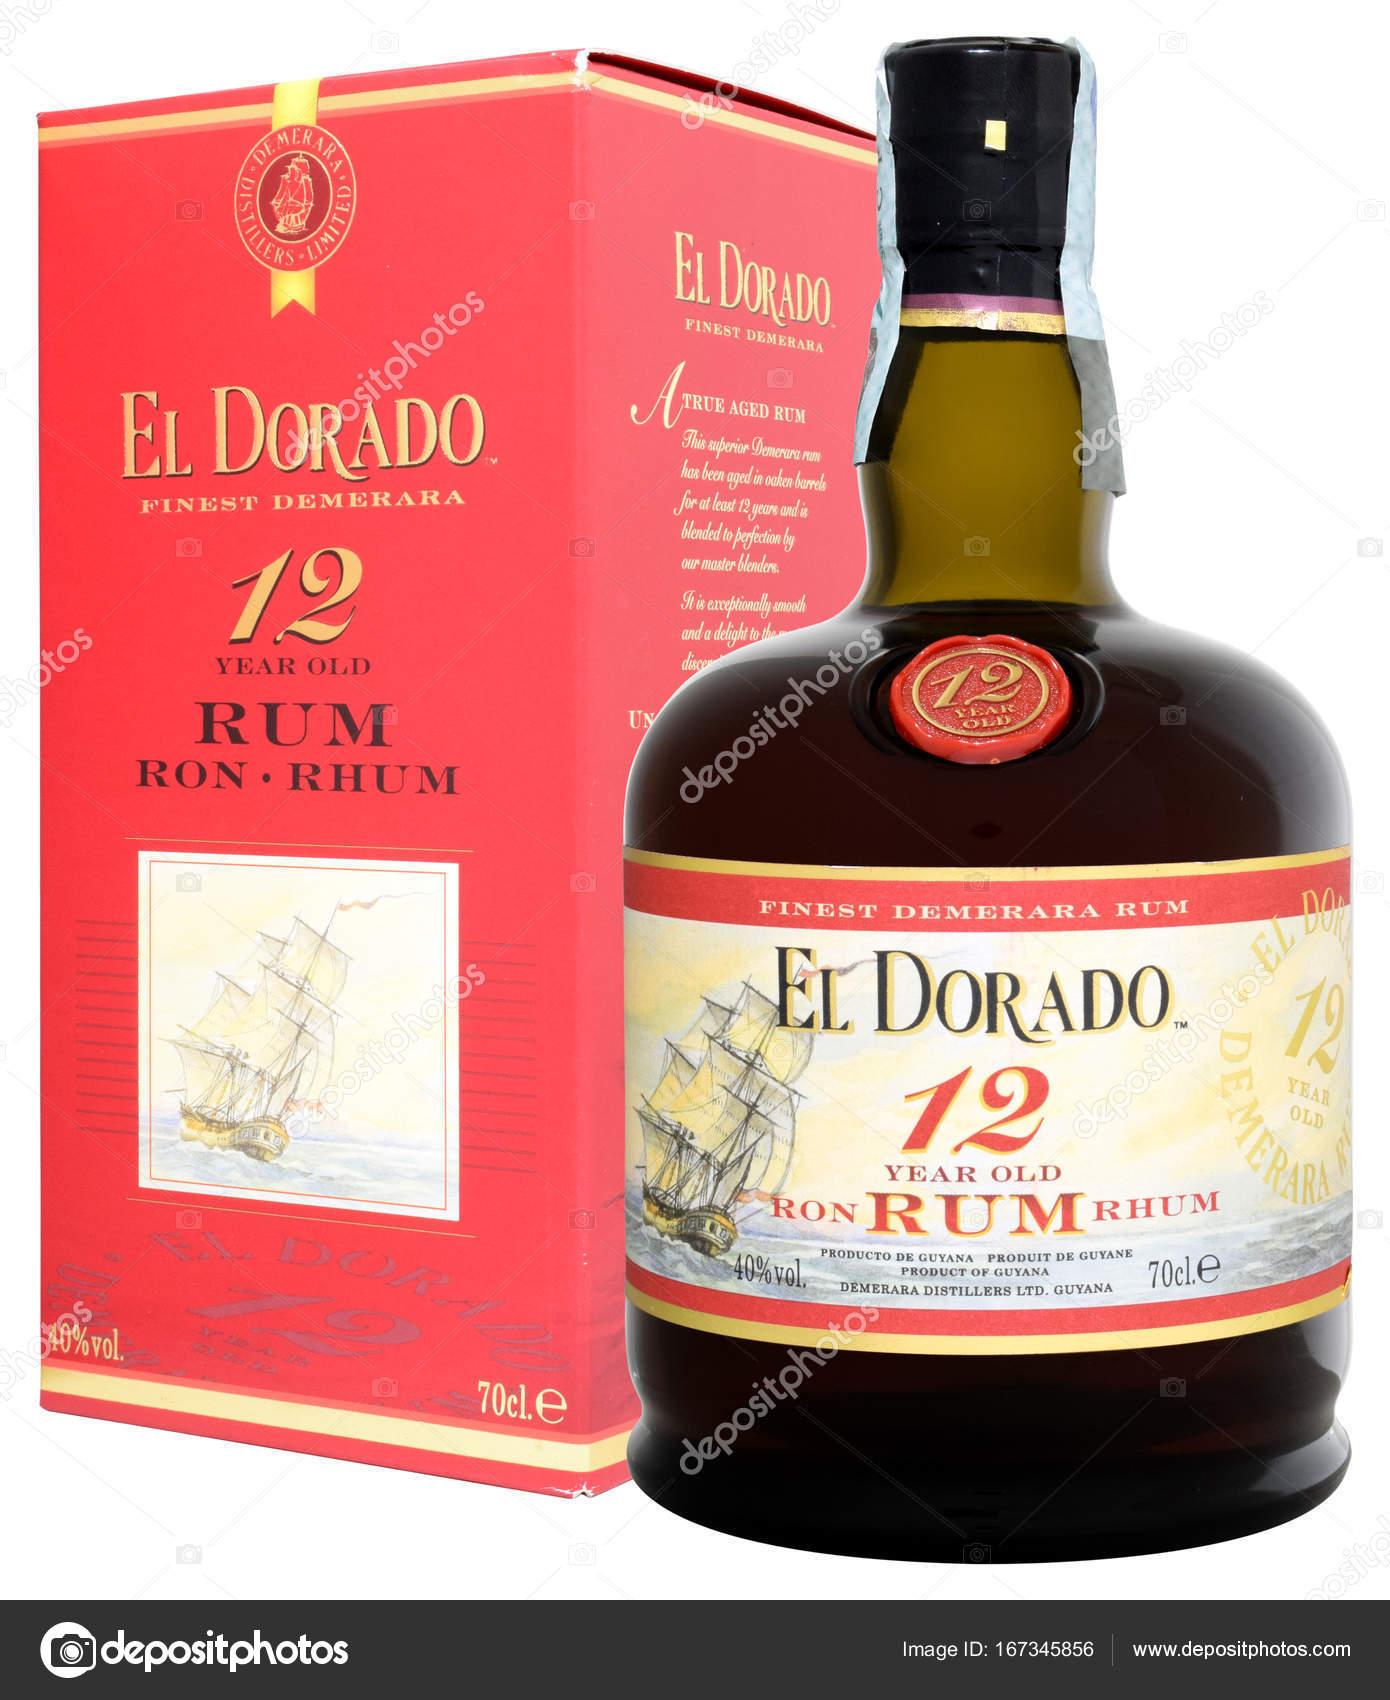 Ελ Ντοράντο